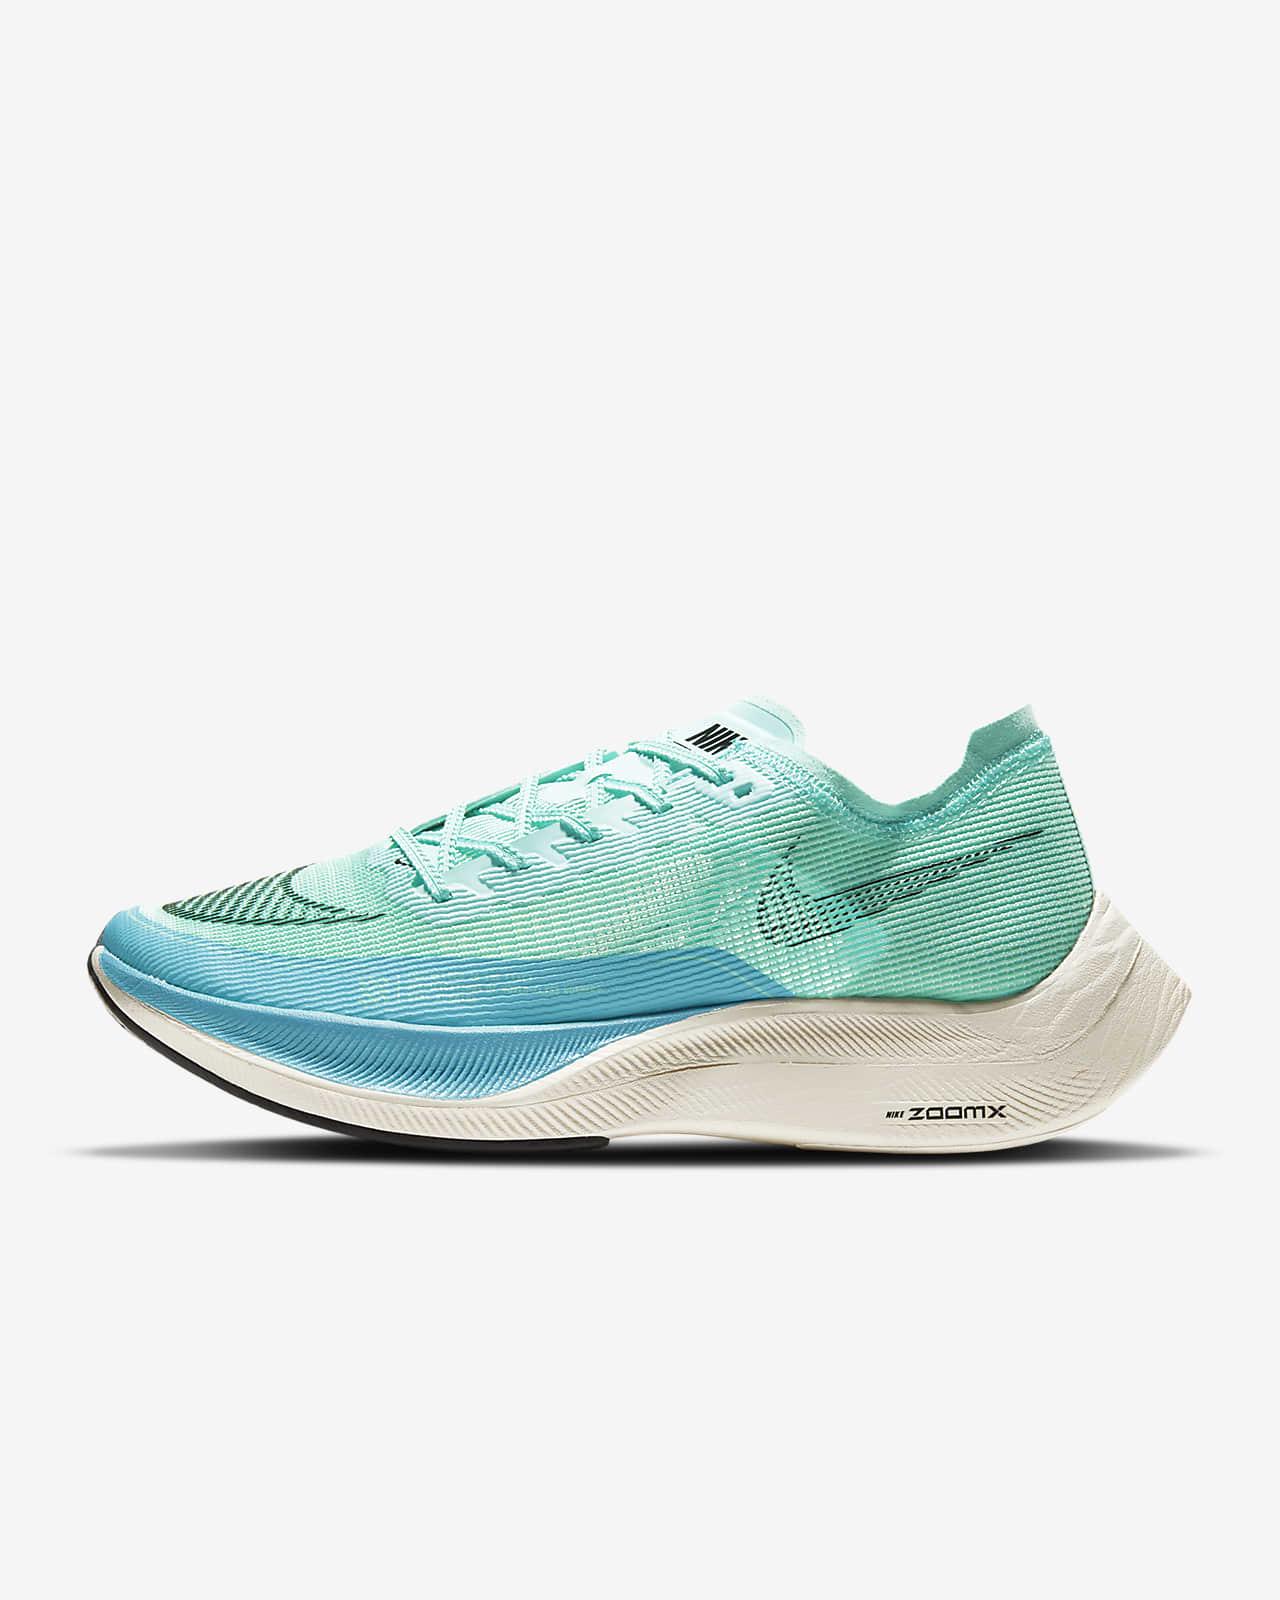 Pánská závodní bota Nike ZoomX Vaporfly Next% 2